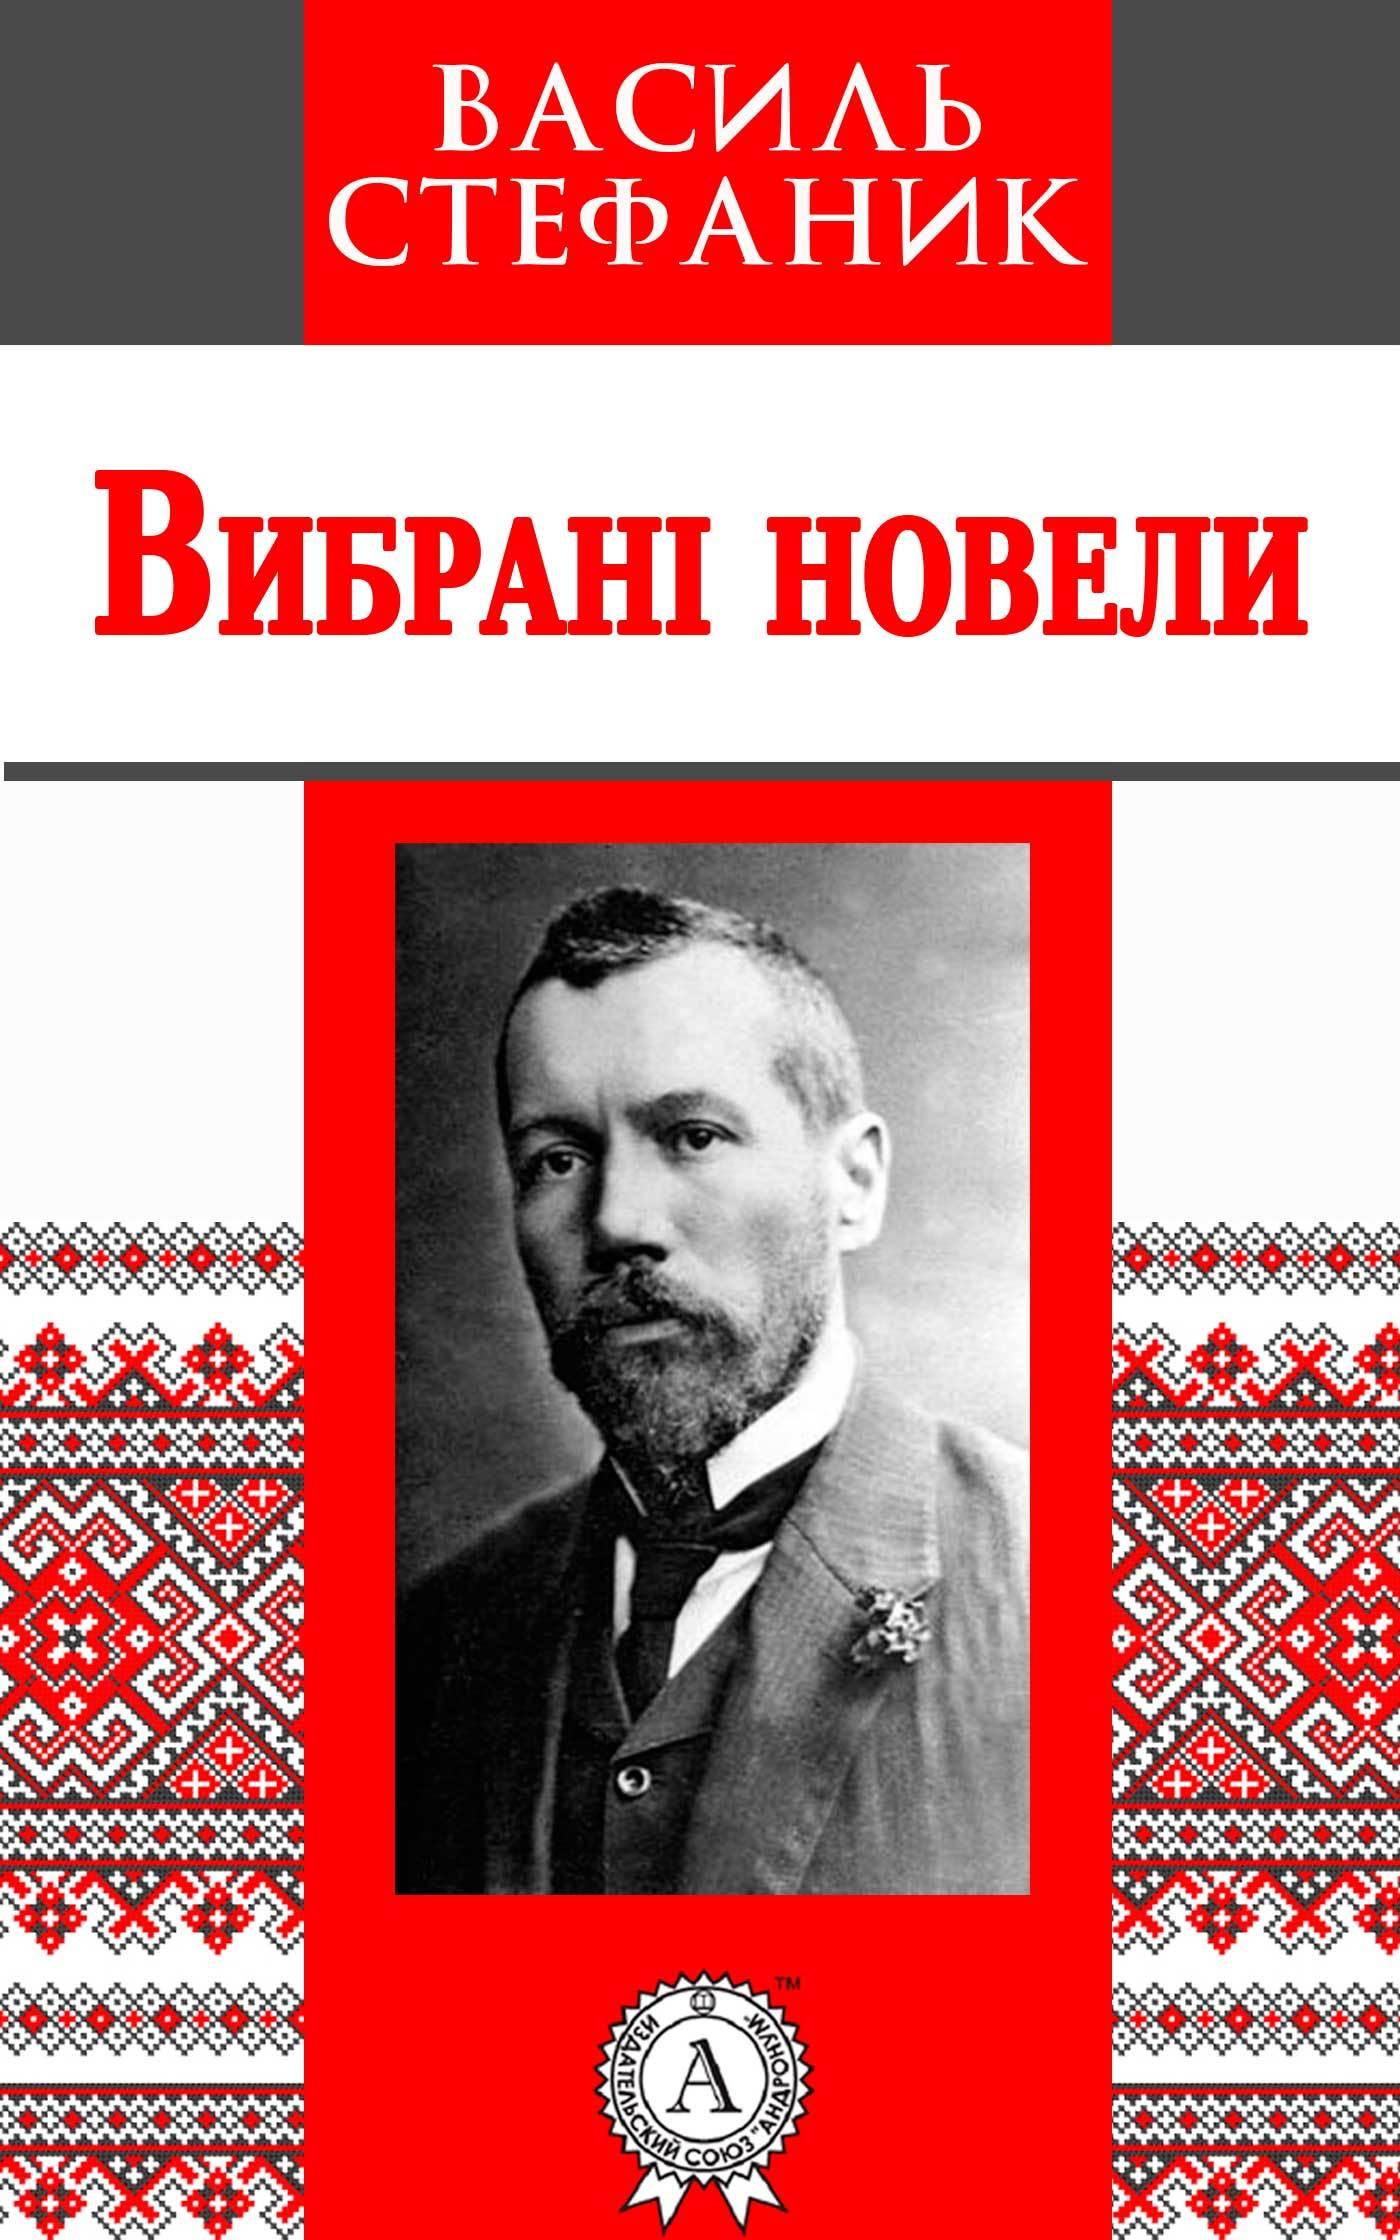 занимательное описание в книге Василь Стефаник